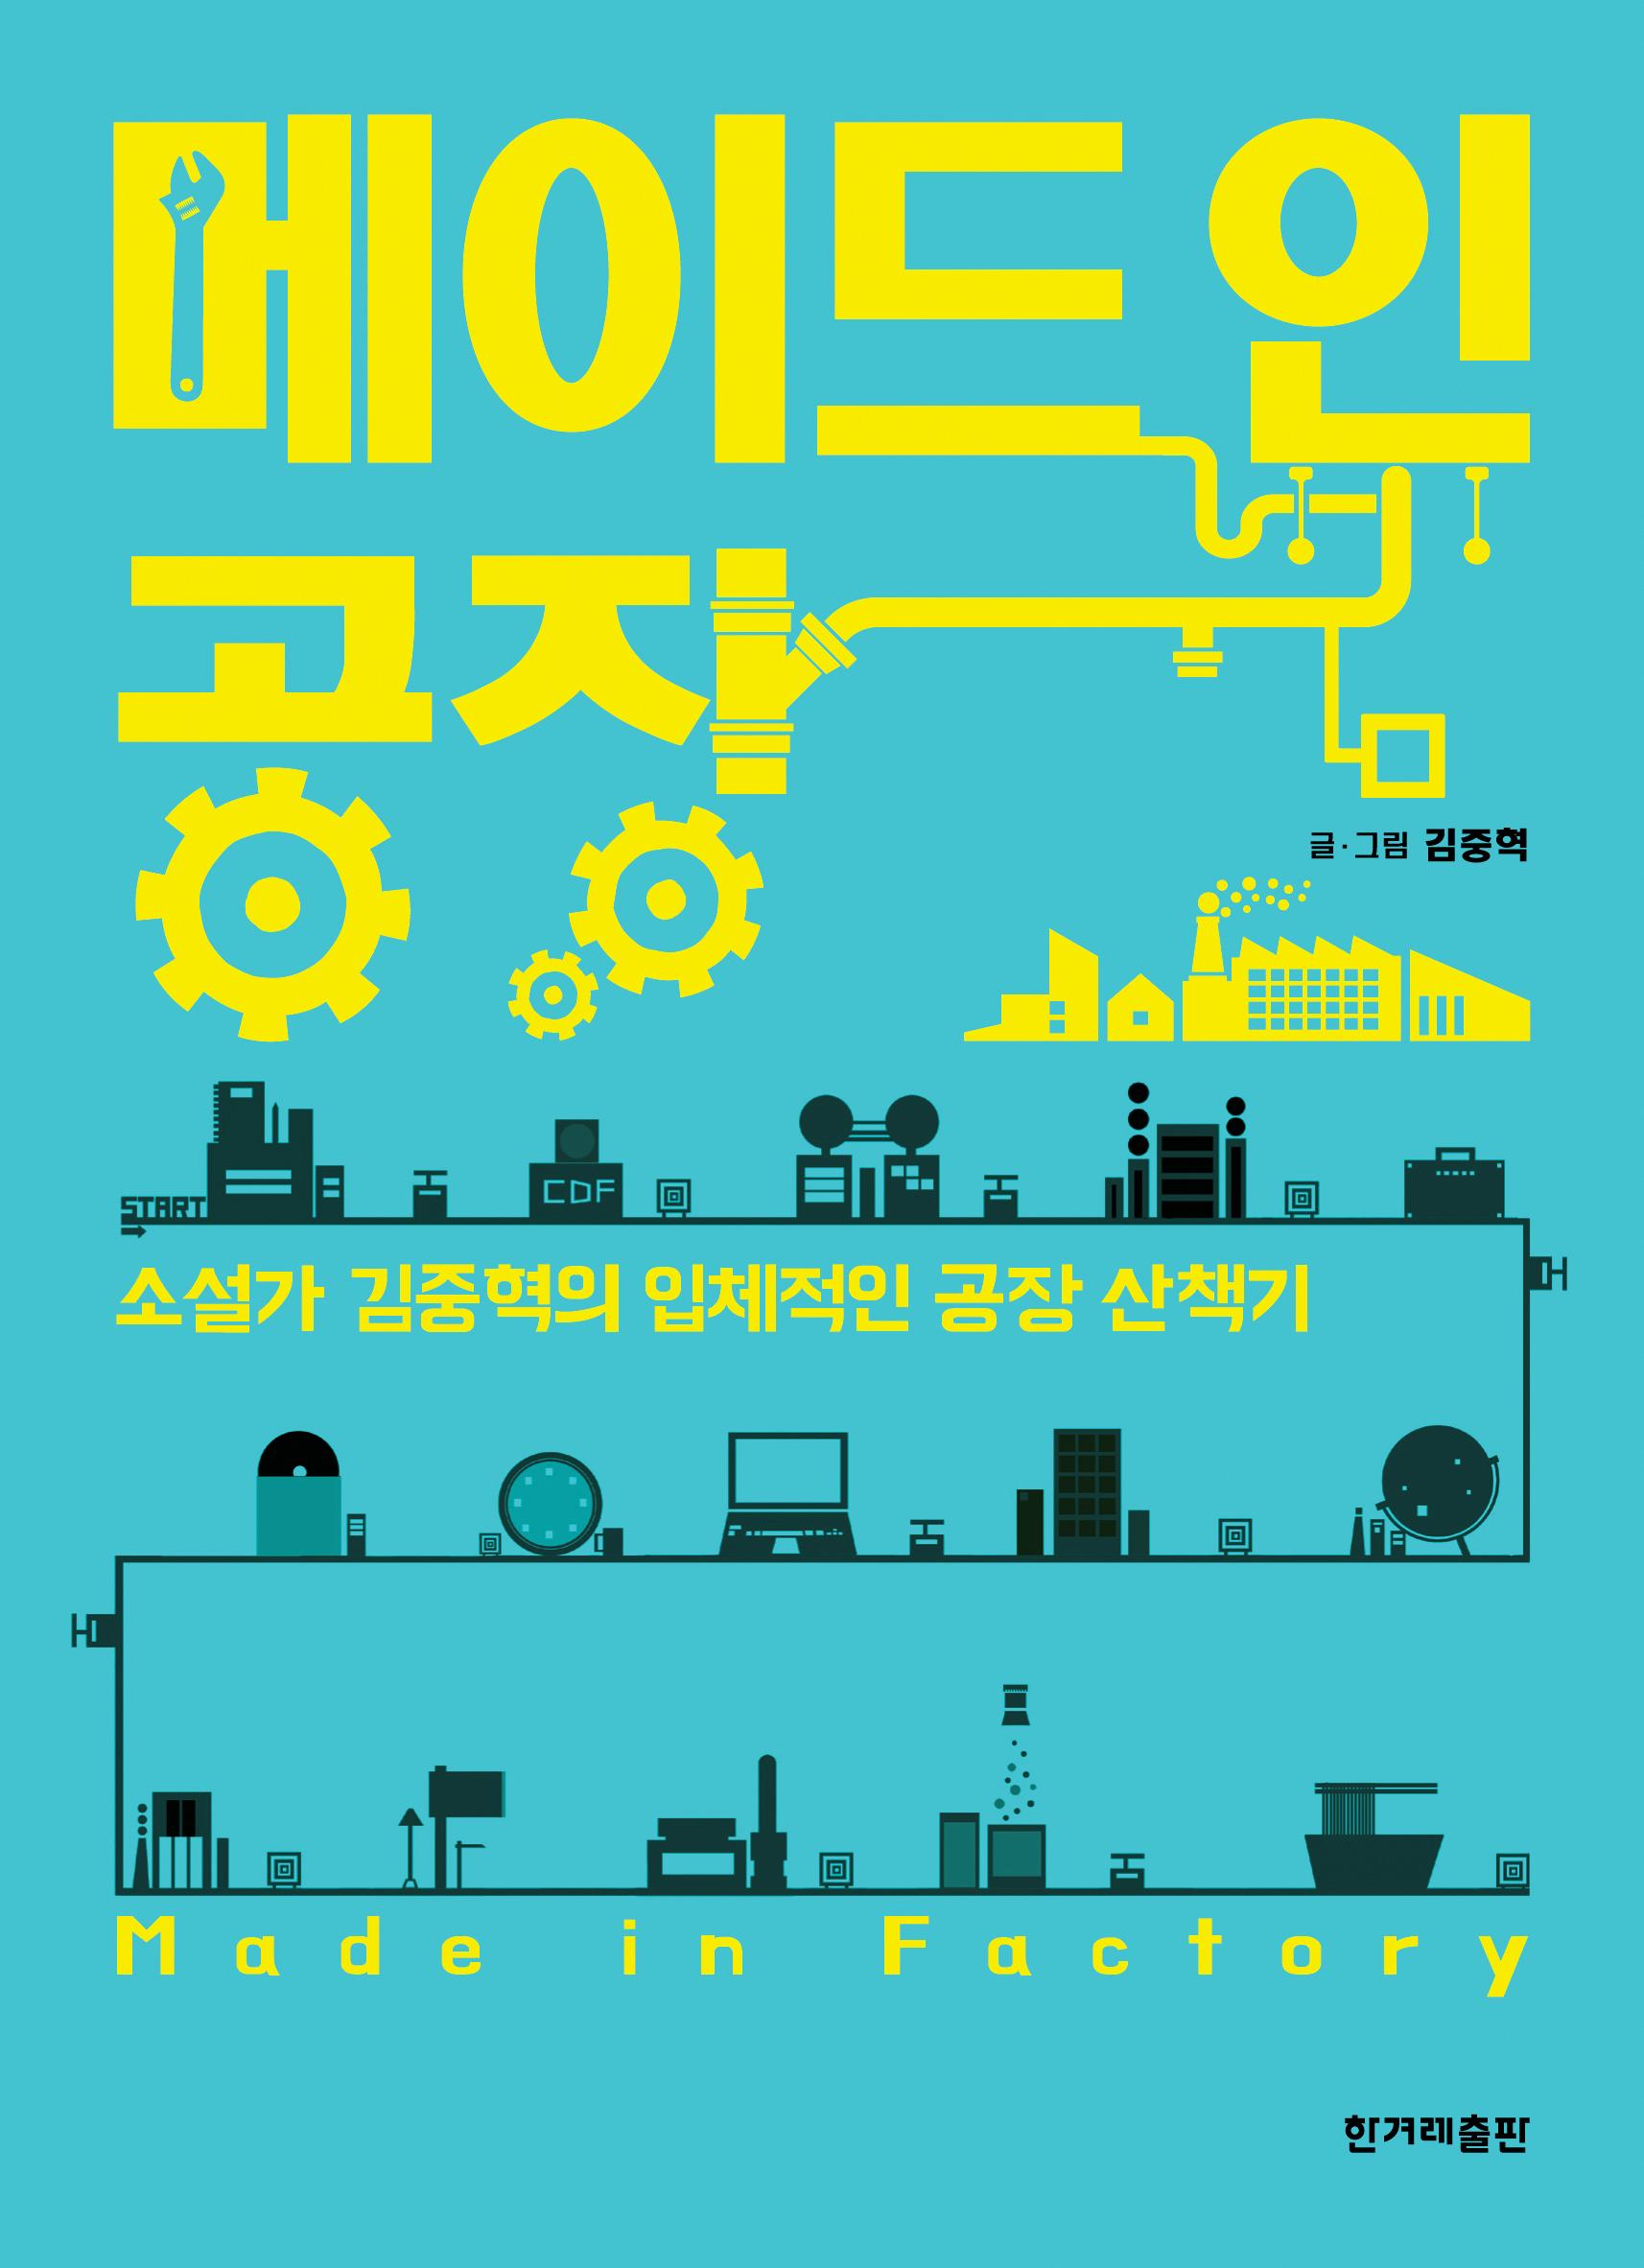 <메이드 인 공장展>, 장소: 의정부과학도서관, 기간: 11월 1일 ~ 30일(일)